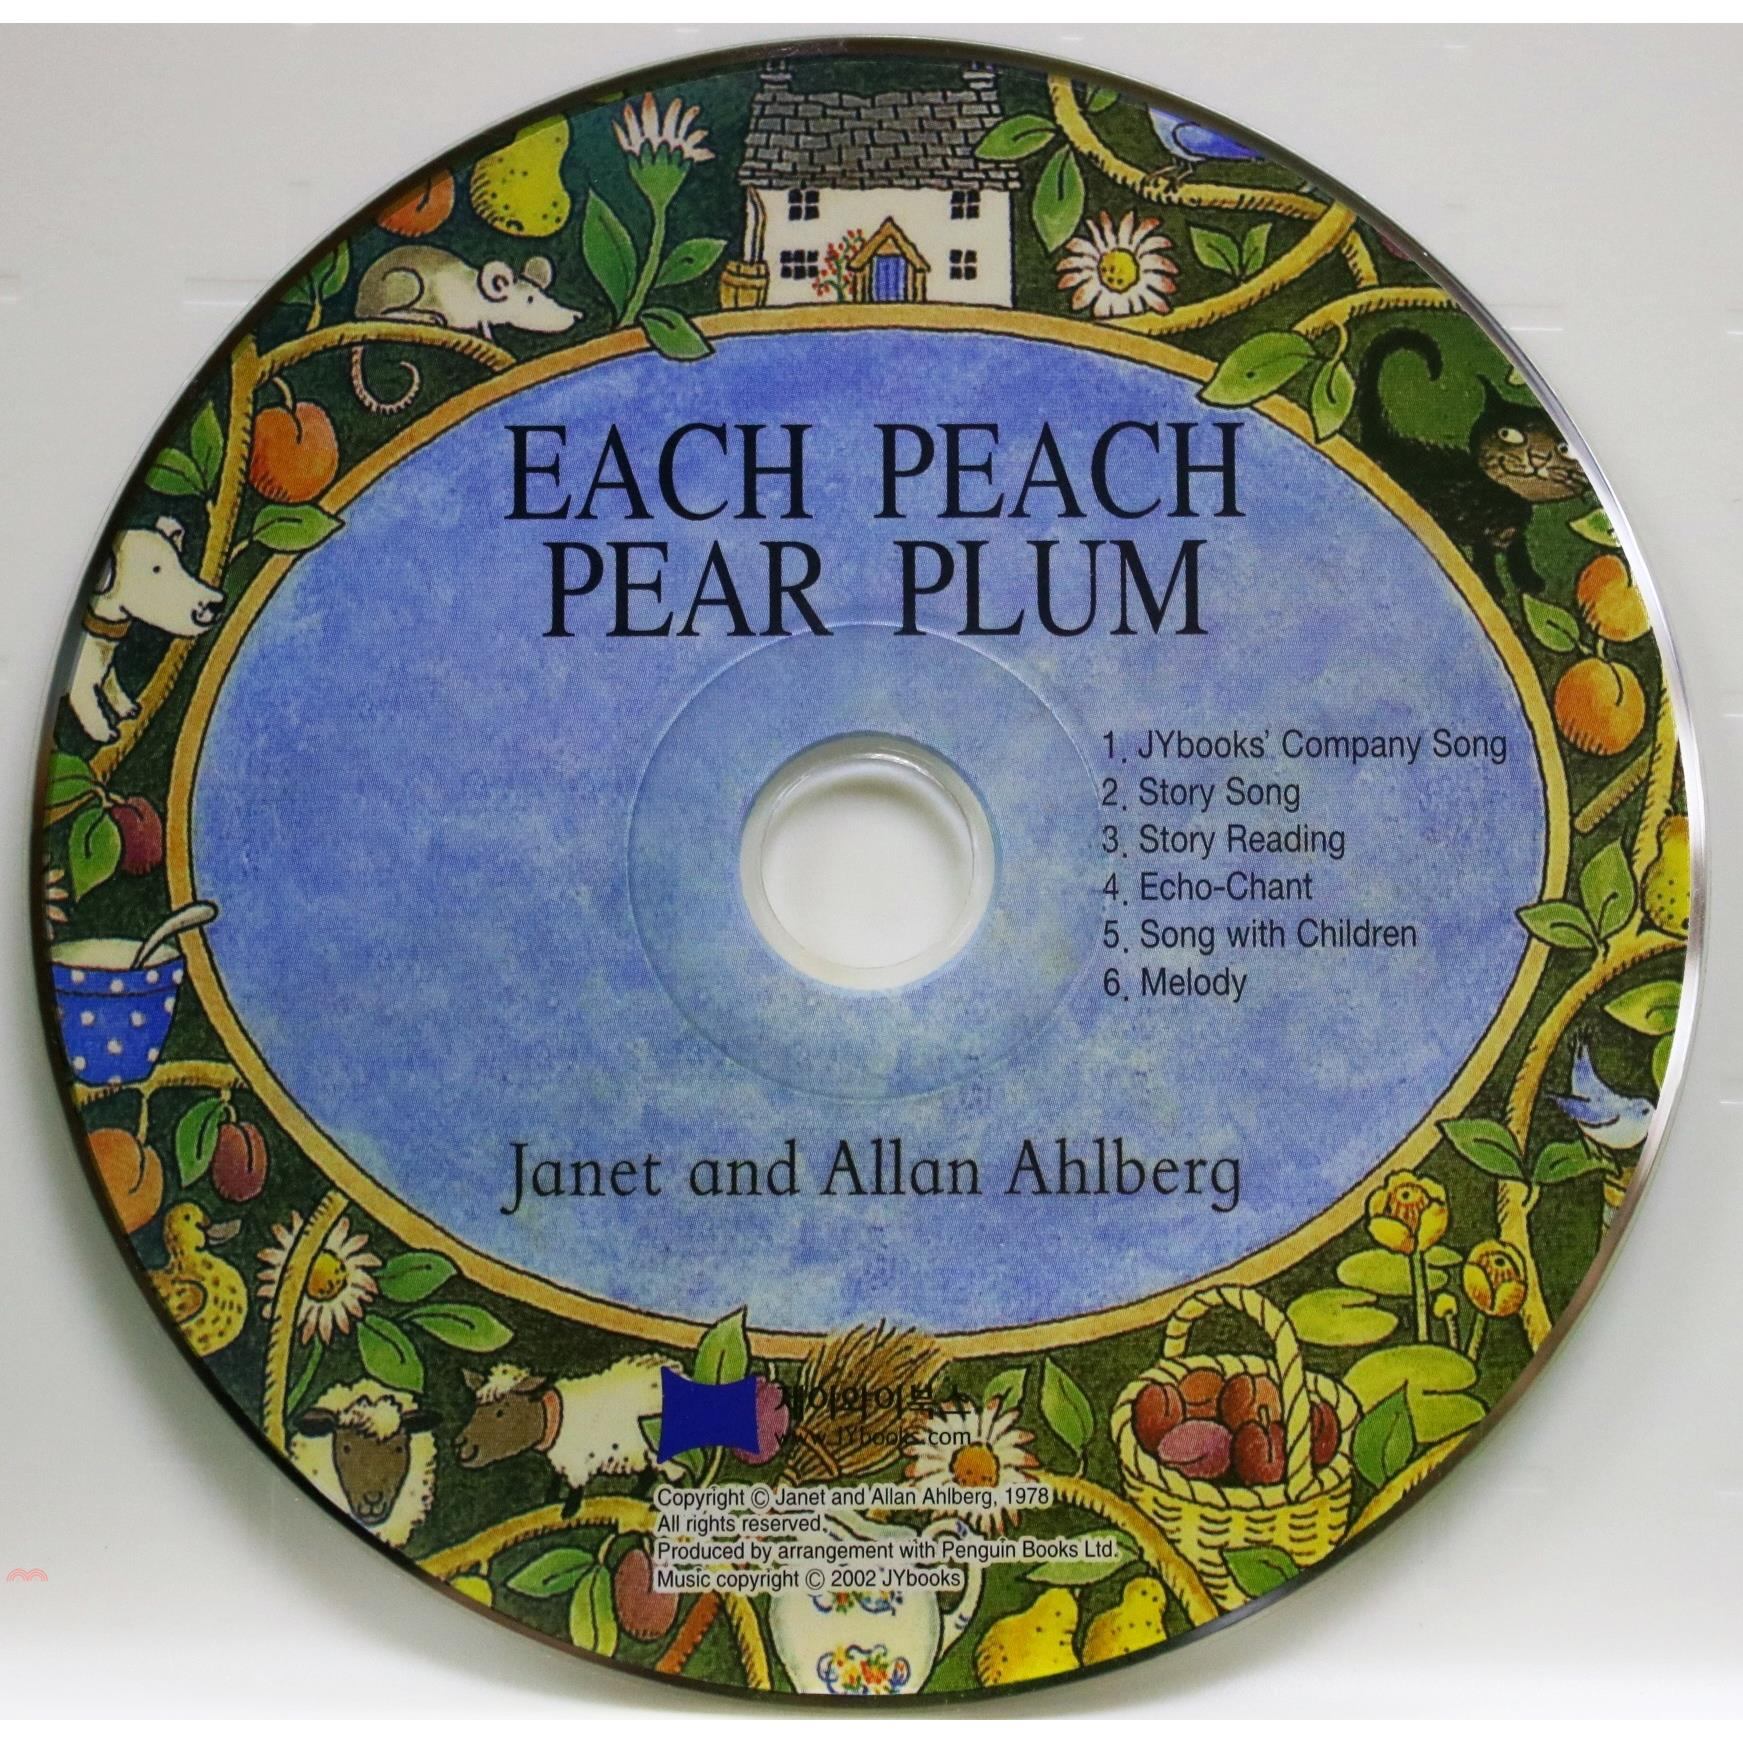 Each Peach Pear Plum (1 CD only) 廖彩杏老師推薦有聲書第28週【三民網路書店】[73折]